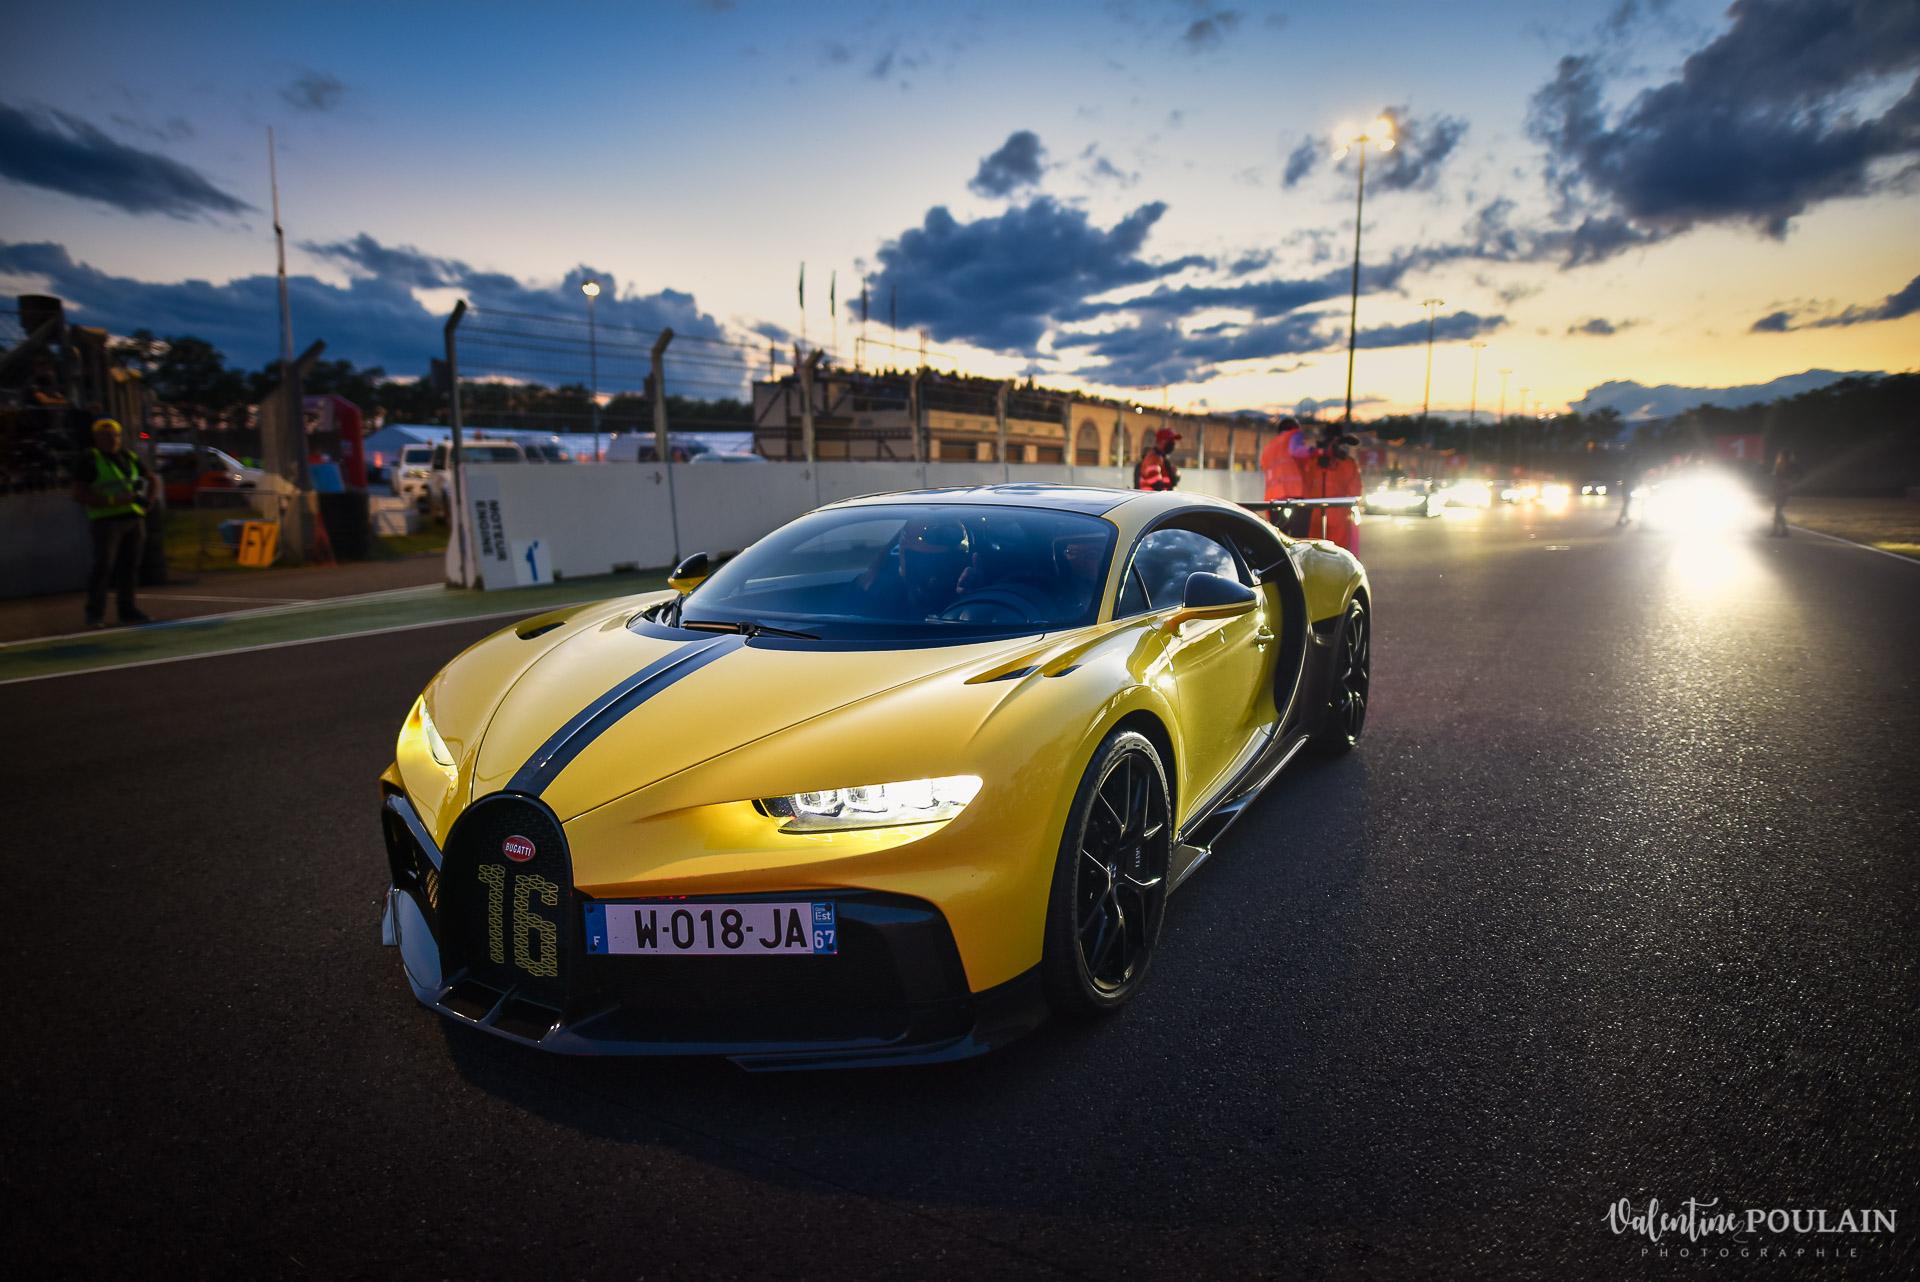 Reportage photo Evenement sportif Bugatti Chiron pur sport -automobile_Valentine Poulain